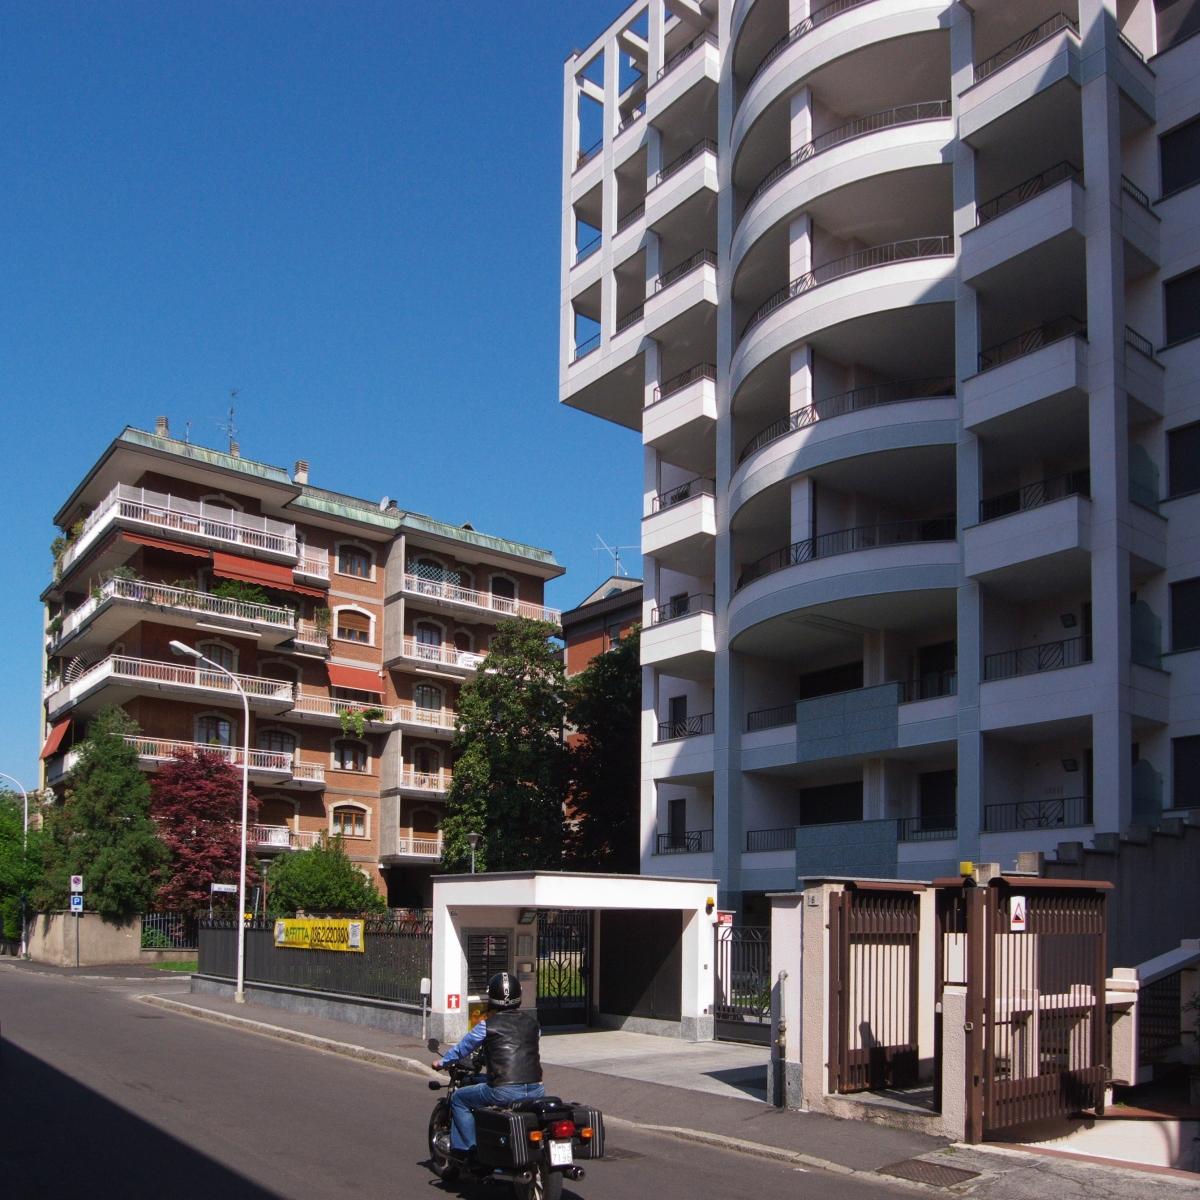 Città dormitorio o comunità vive?